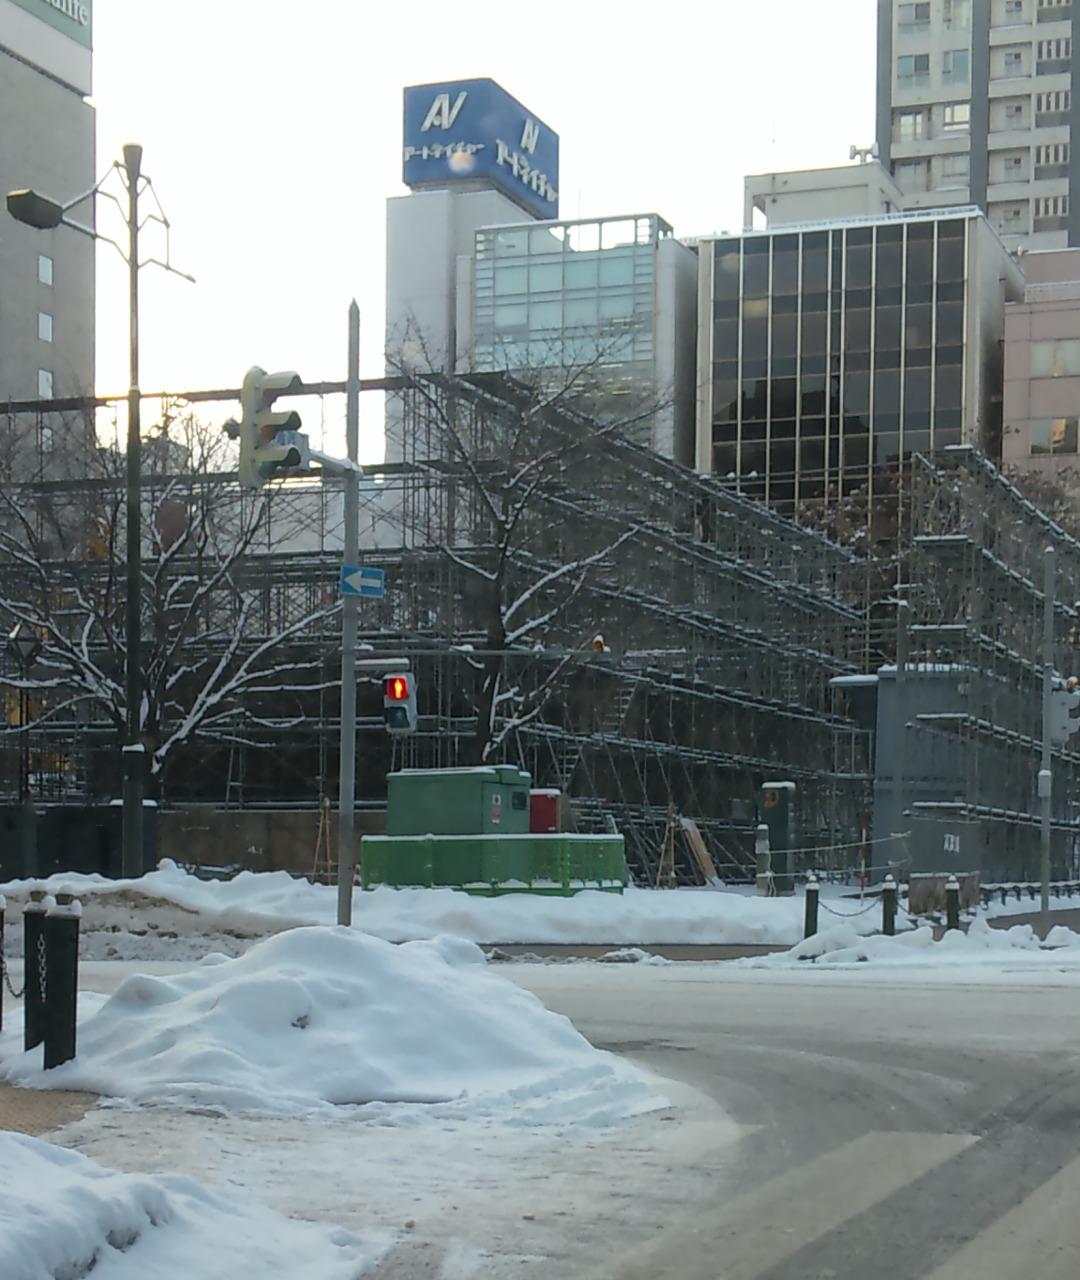 今年も雪祭りの季節が‥‥‥_f0209045_2148880.jpg